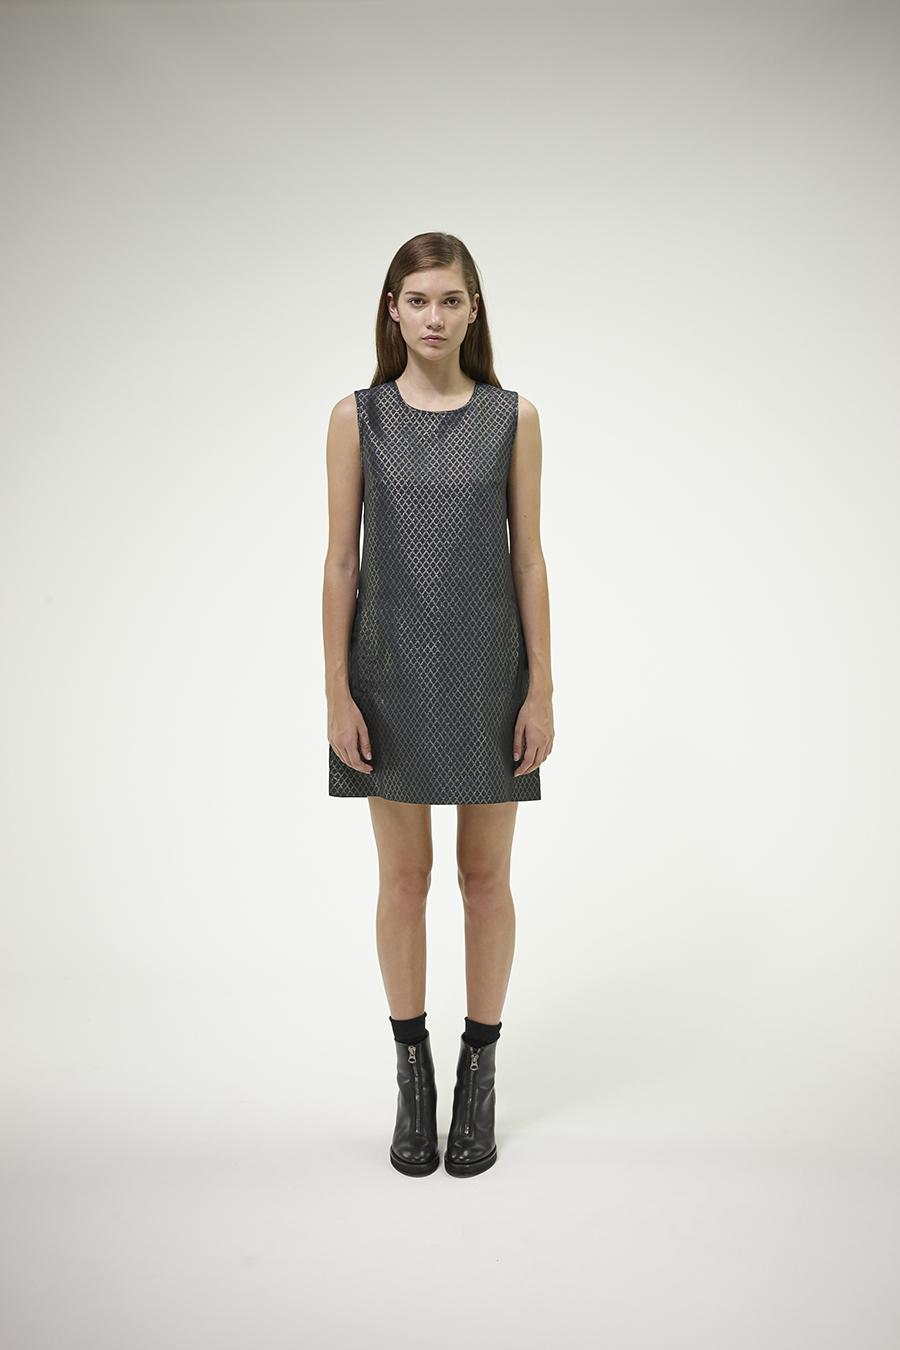 Huffer_Q1-16_W-A-Line-Dress_Navy_001.jpg